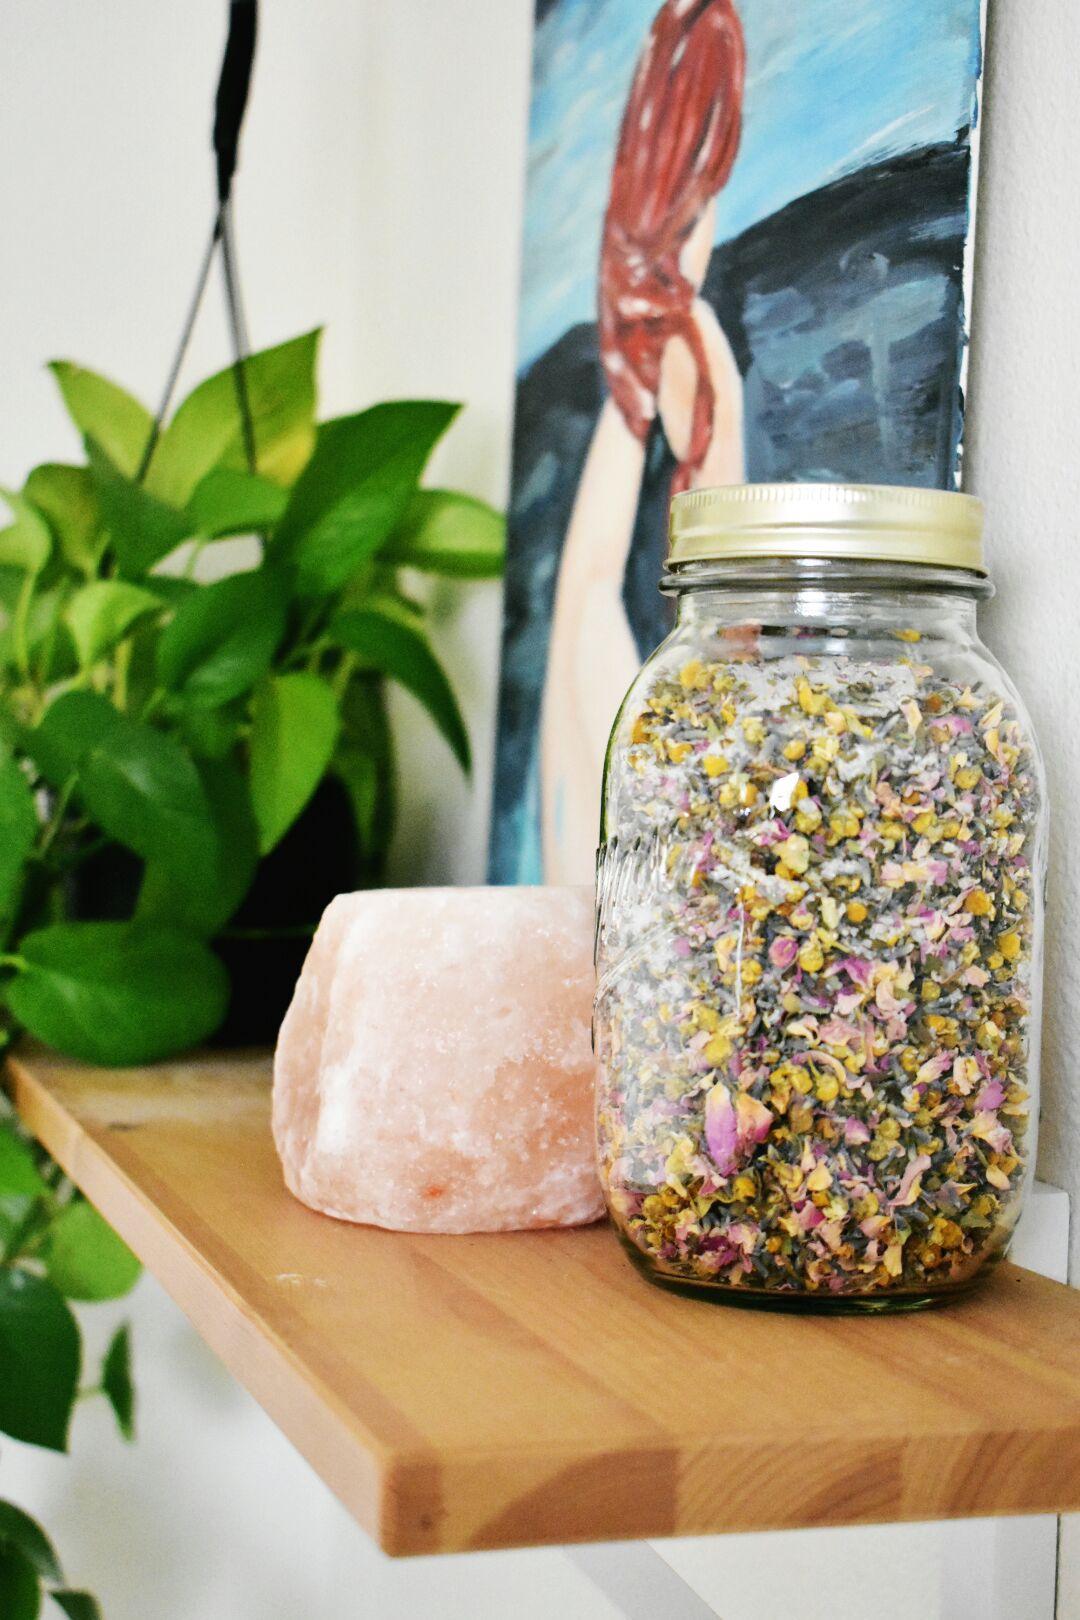 The semi-minimalist bath herbs.jpg